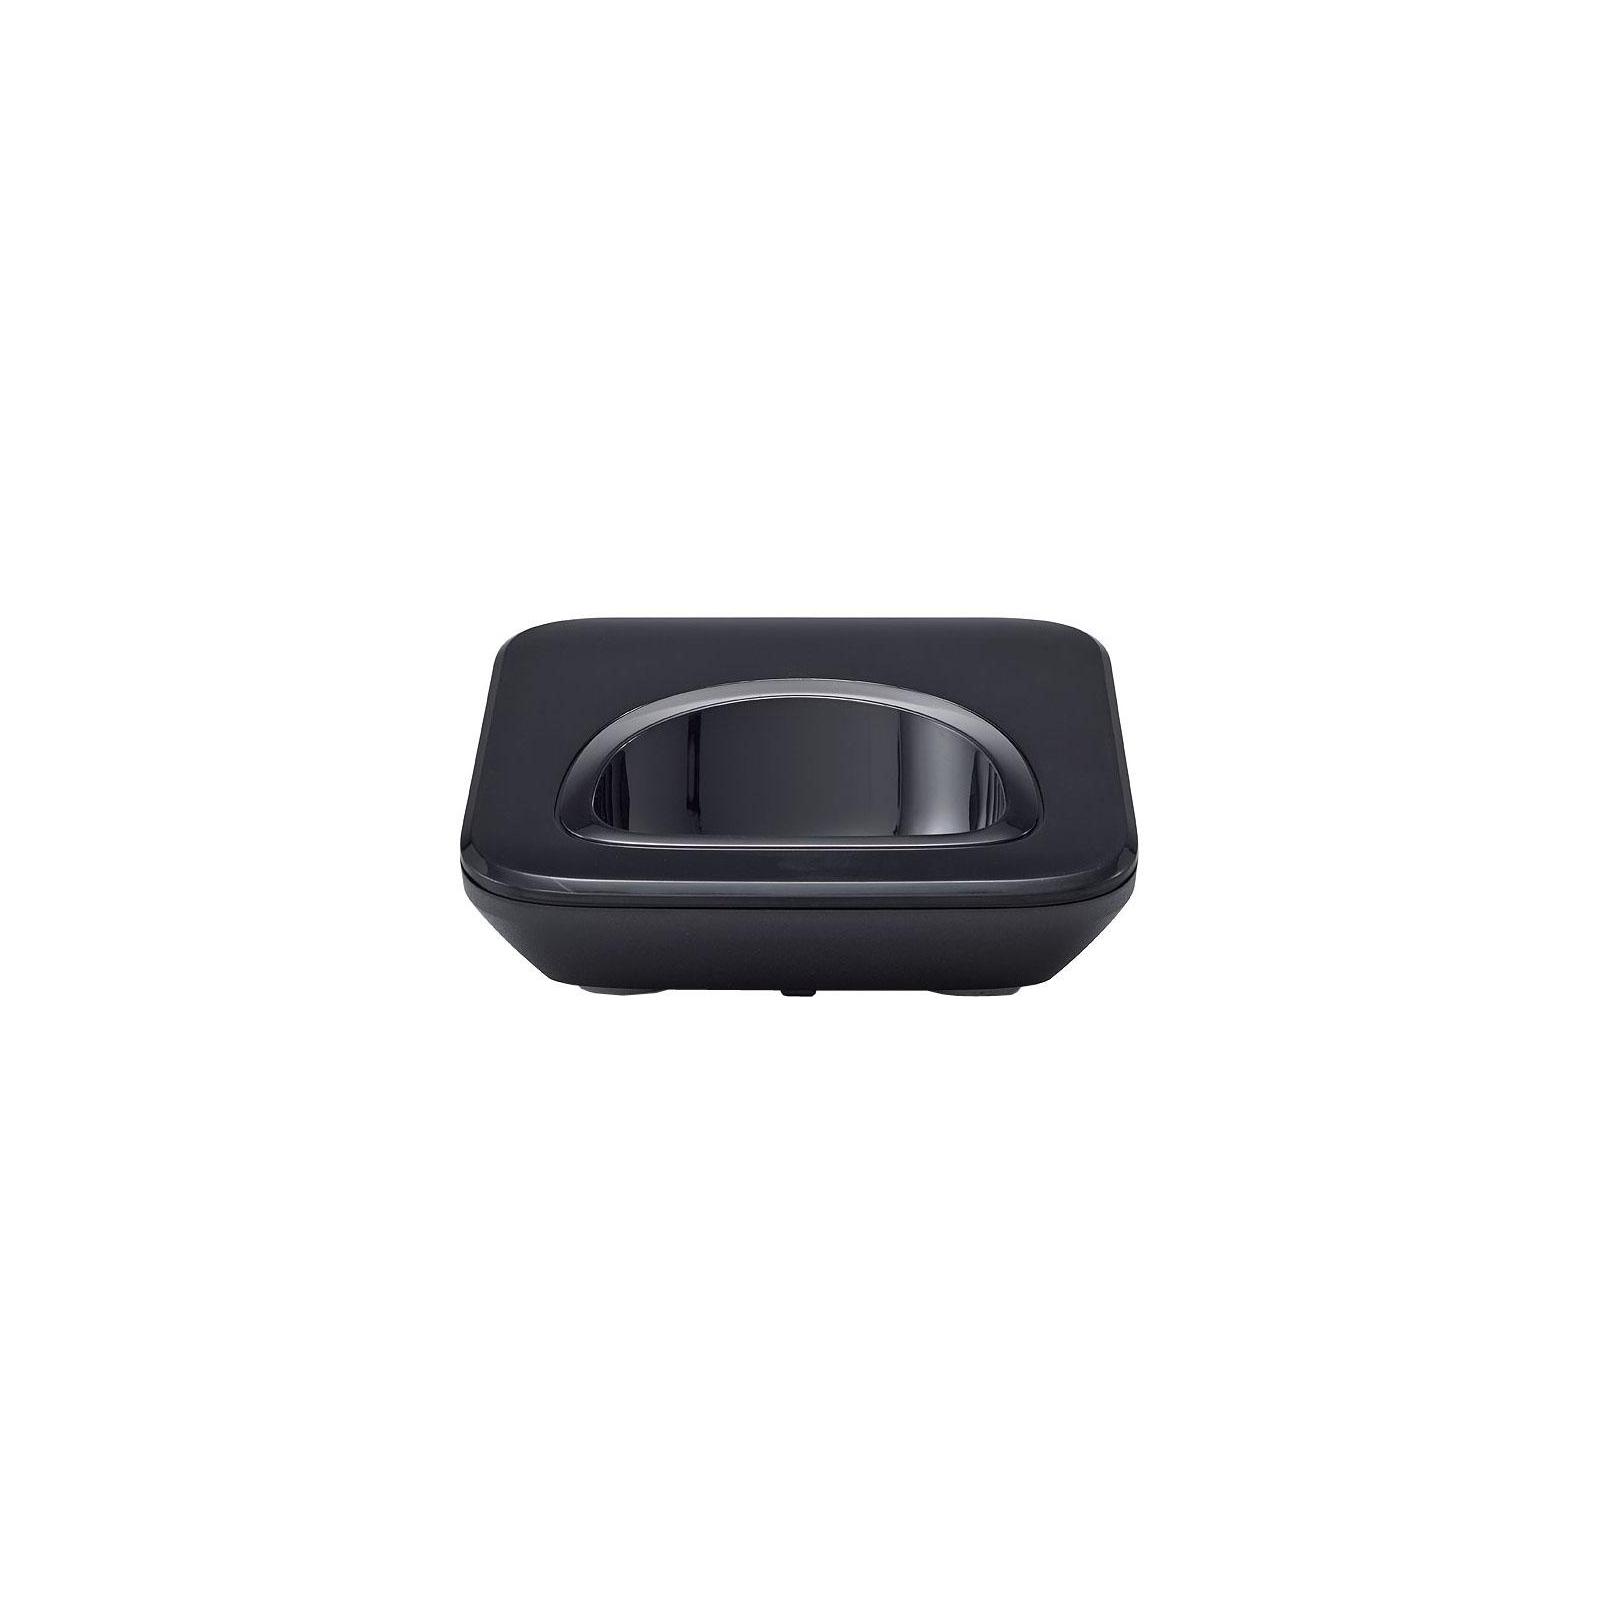 IP телефон Gigaset S650 IP PRO bundle комплект (S30852-H2617-R101) изображение 10